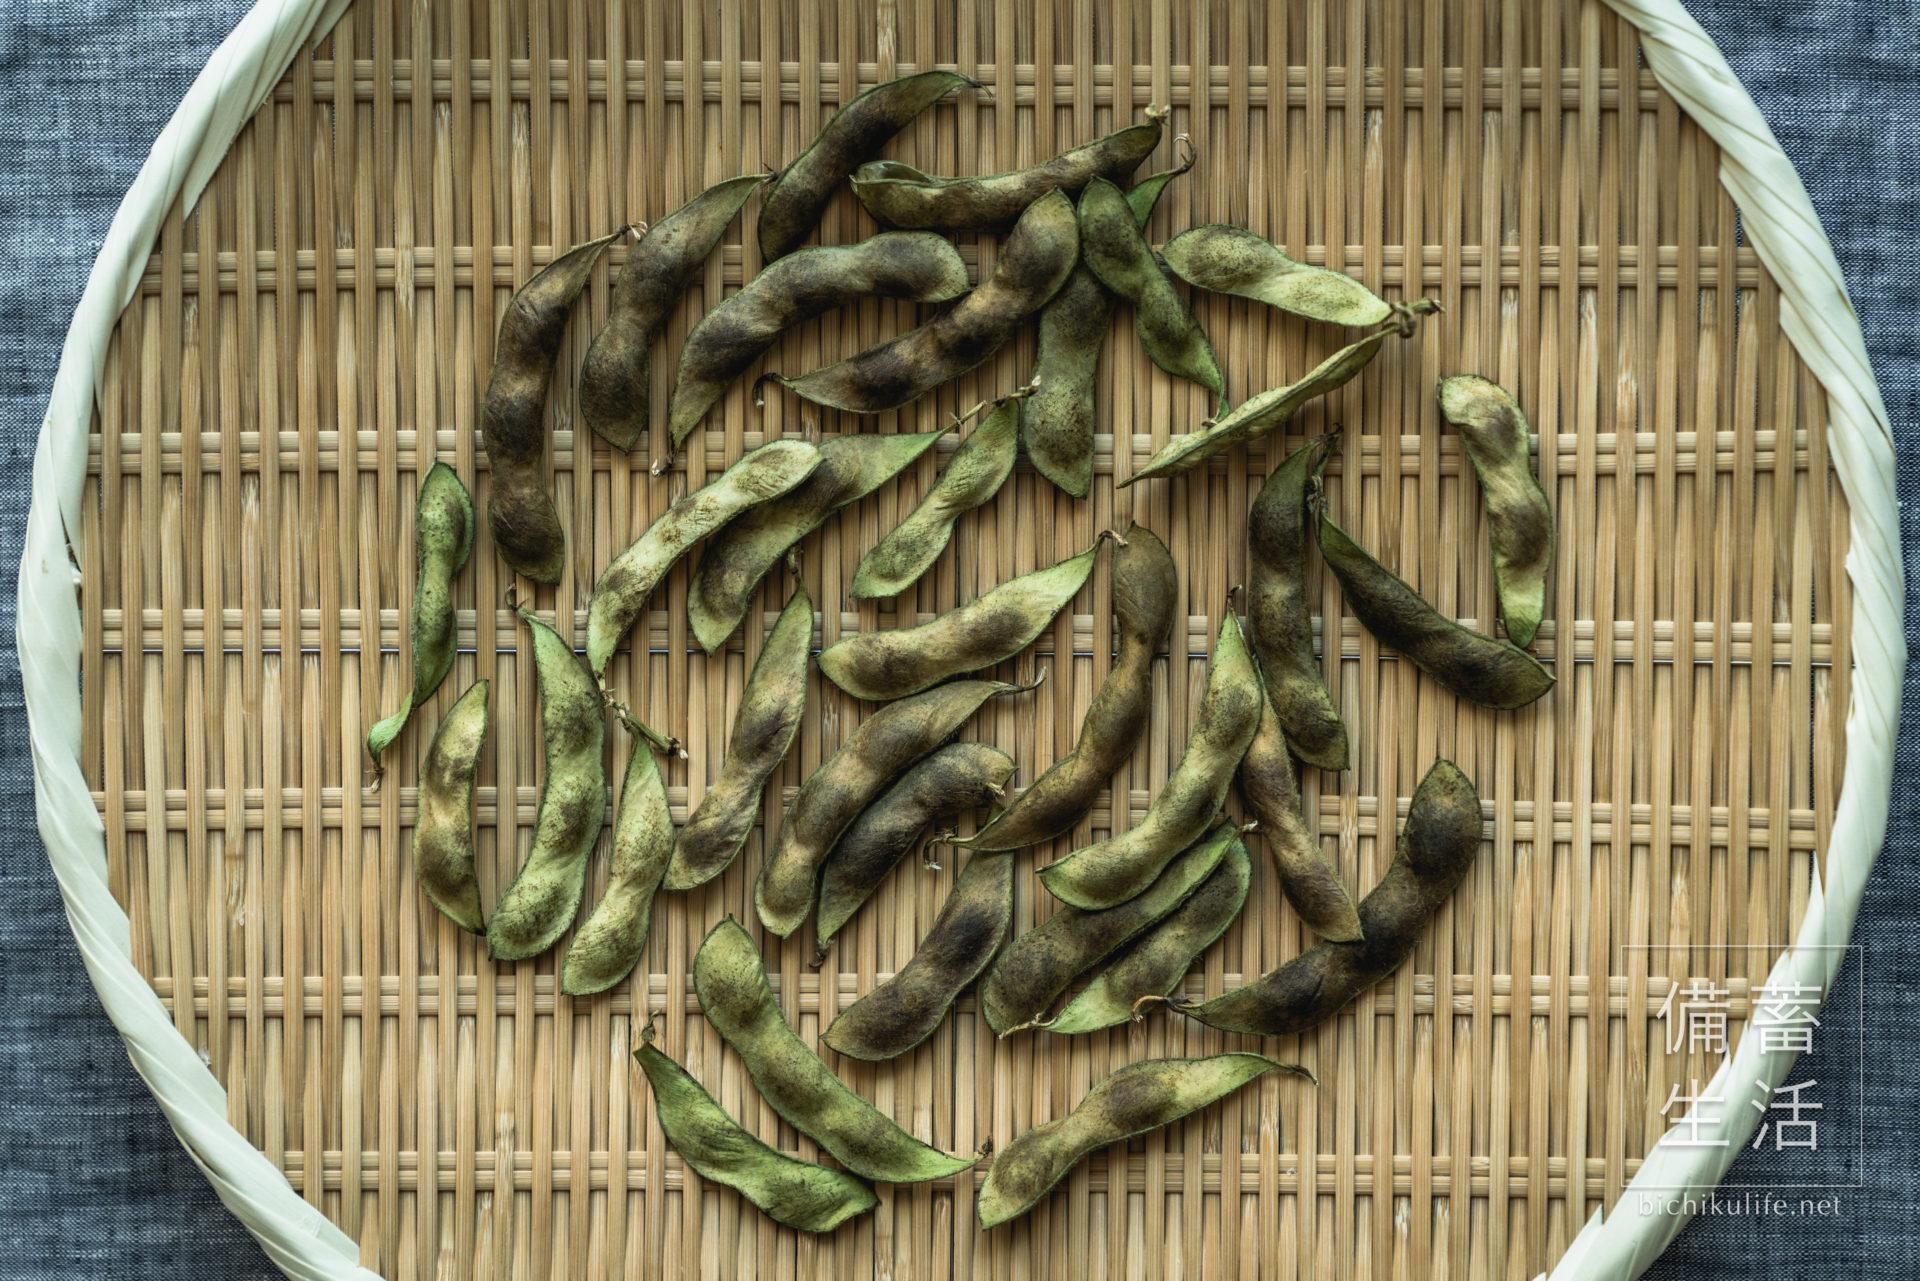 えだまめ 干し野菜づくり|干し枝豆の作り方